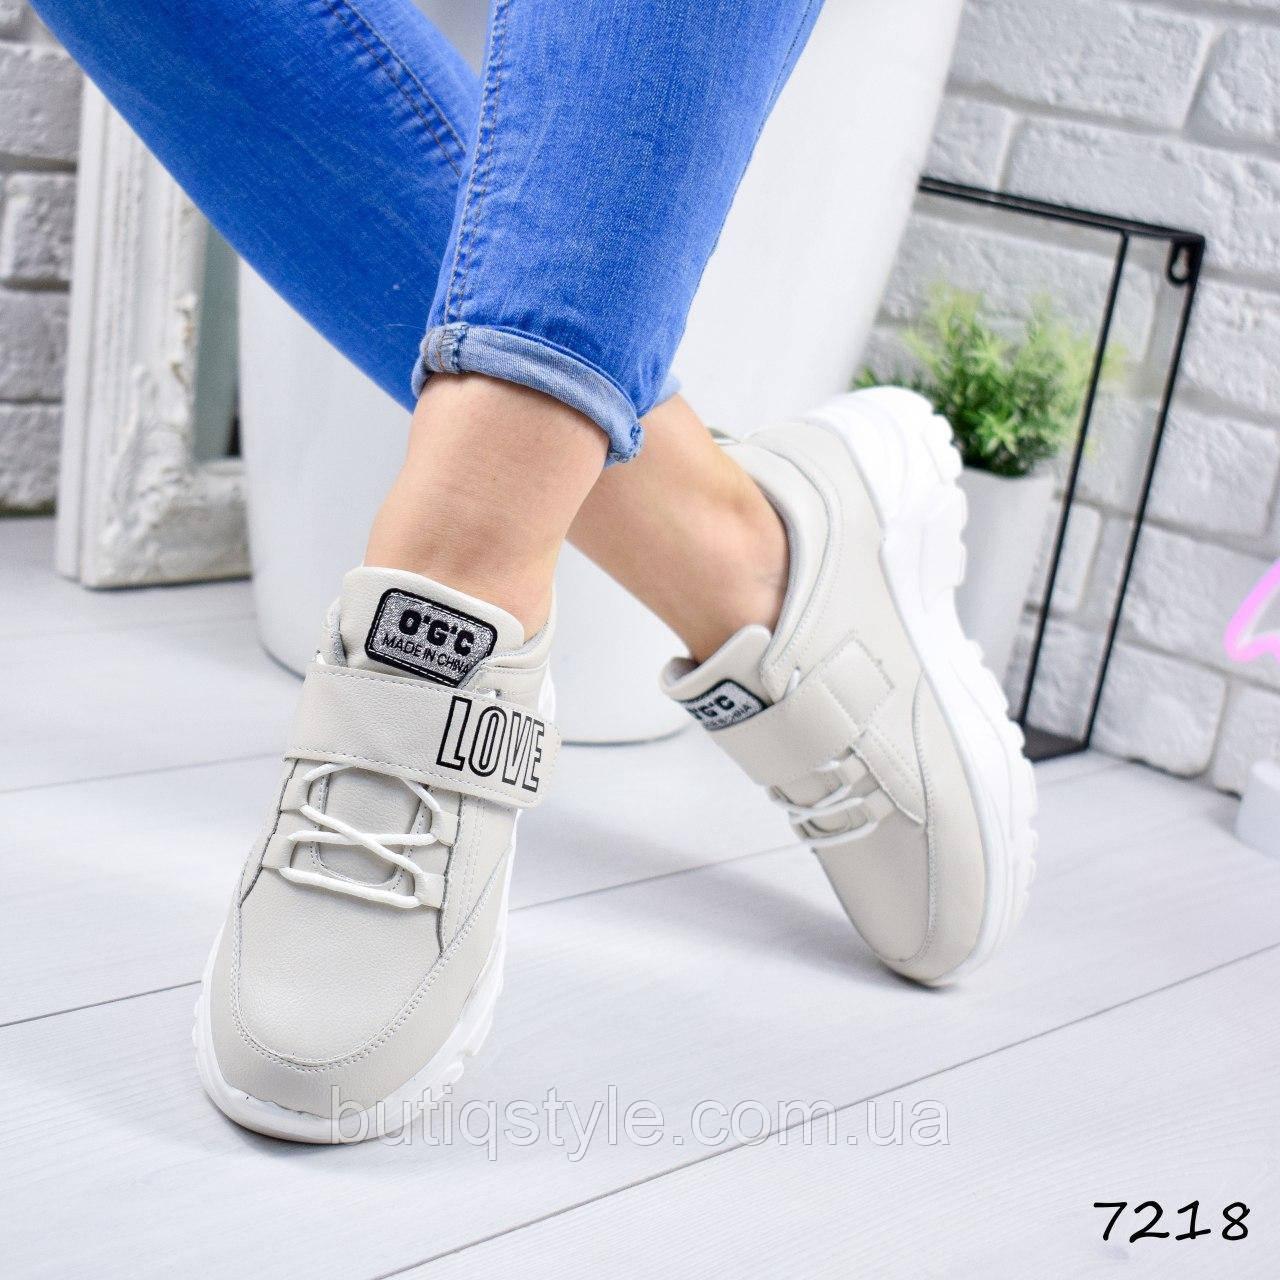 38, 39, 40 размер Женские кроссовки бежна липучке экокожа 2019